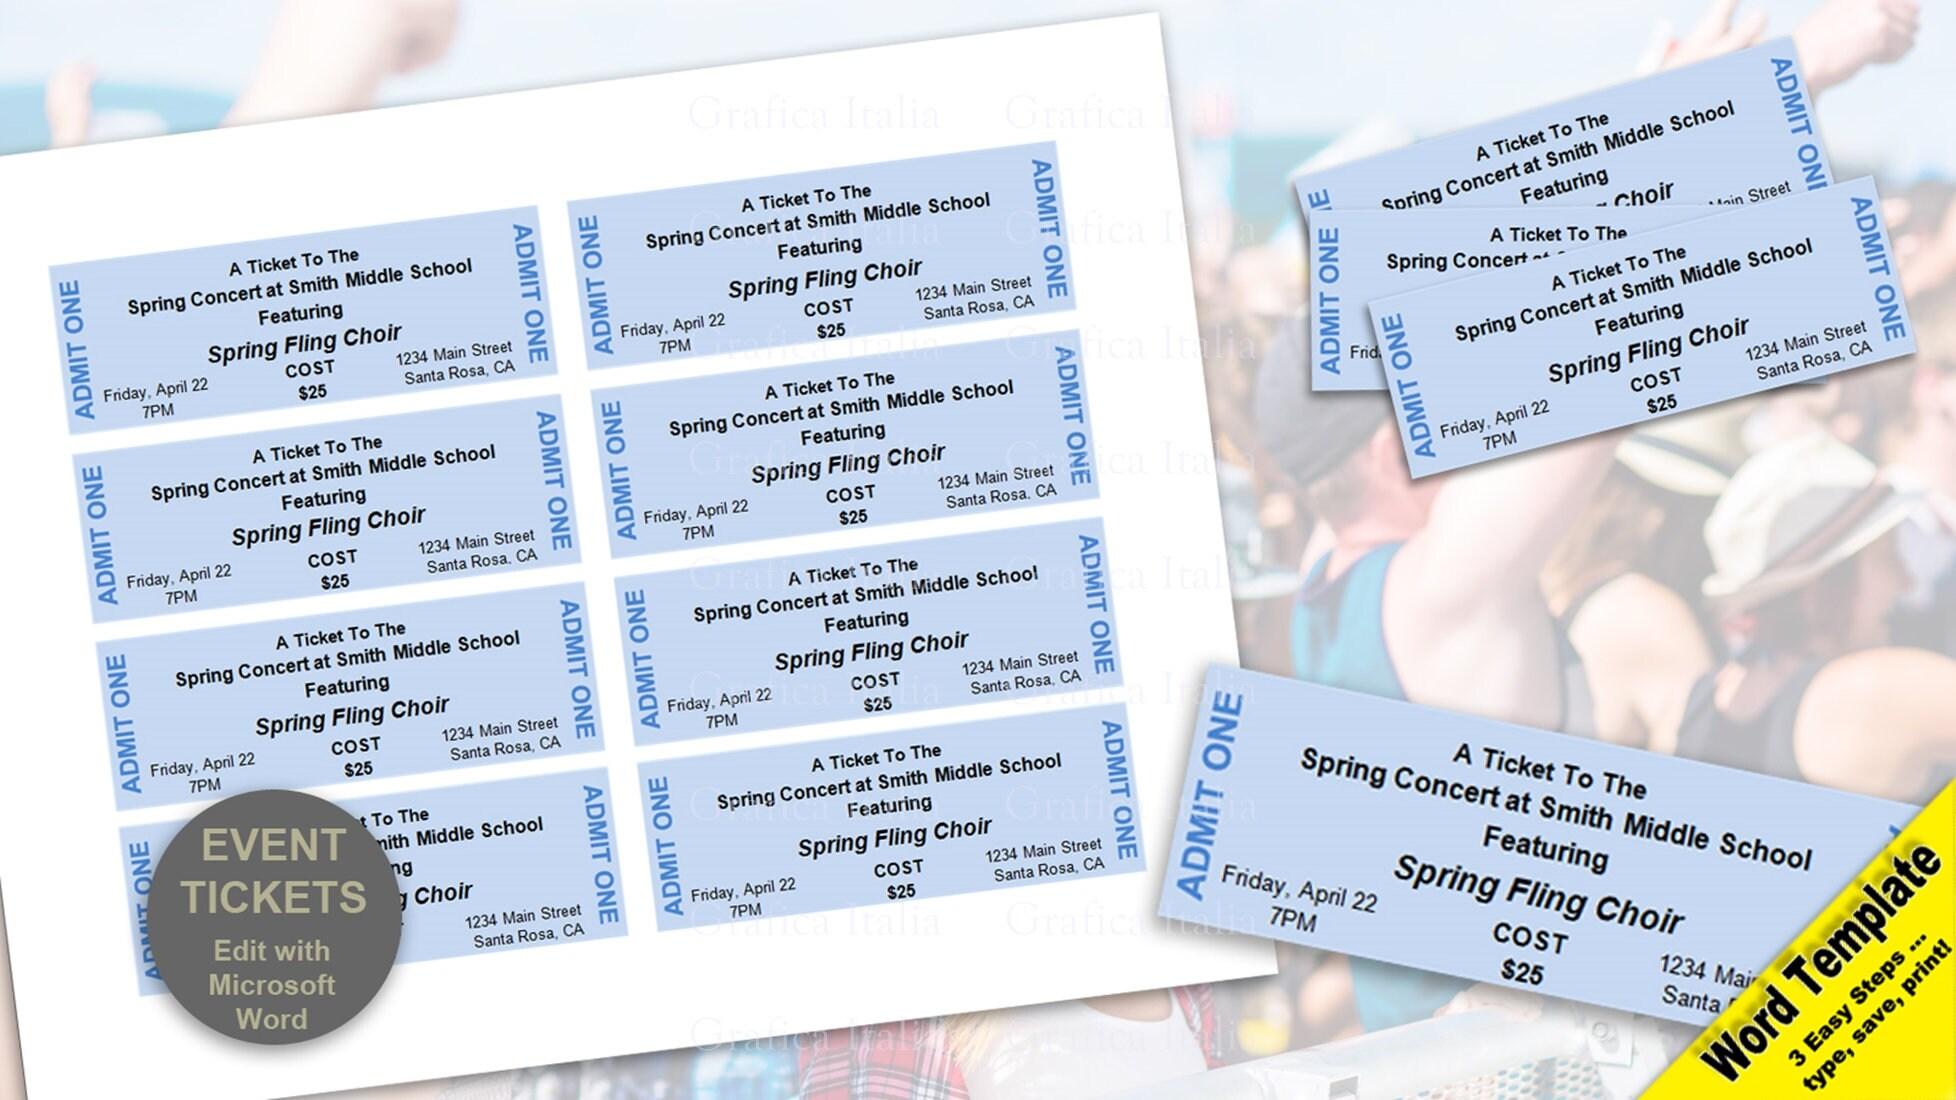 Event-Tickets editierbare WORD-Vorlage bedruckbar | Etsy